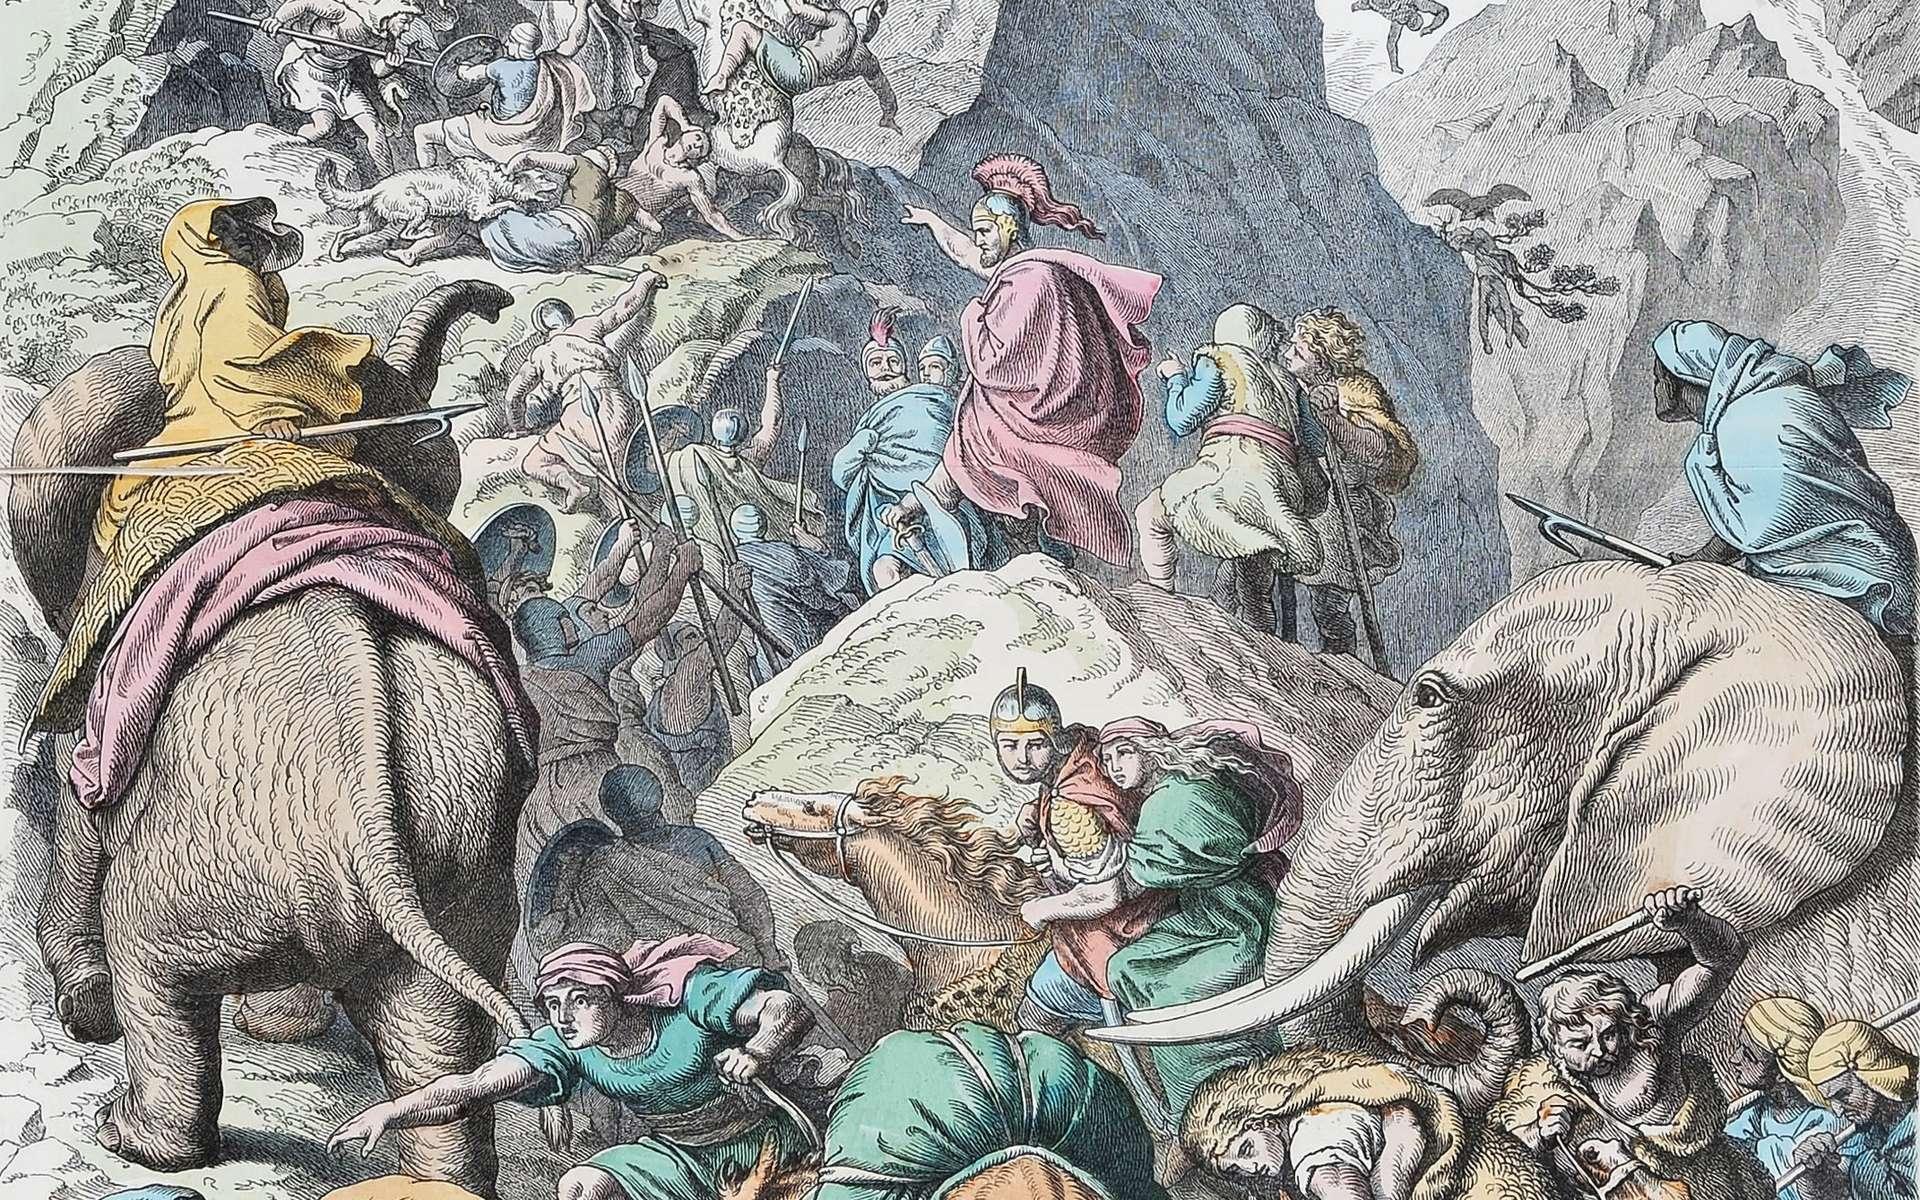 Illustration de la deuxième guerre punique : Hannibal et son armée d'éléphants traversent les Alpes. Dessin de Gottlob Heinrich Leutemann datant de 1866. © Heinrich Leutemann, Wikimedia Commons, DP